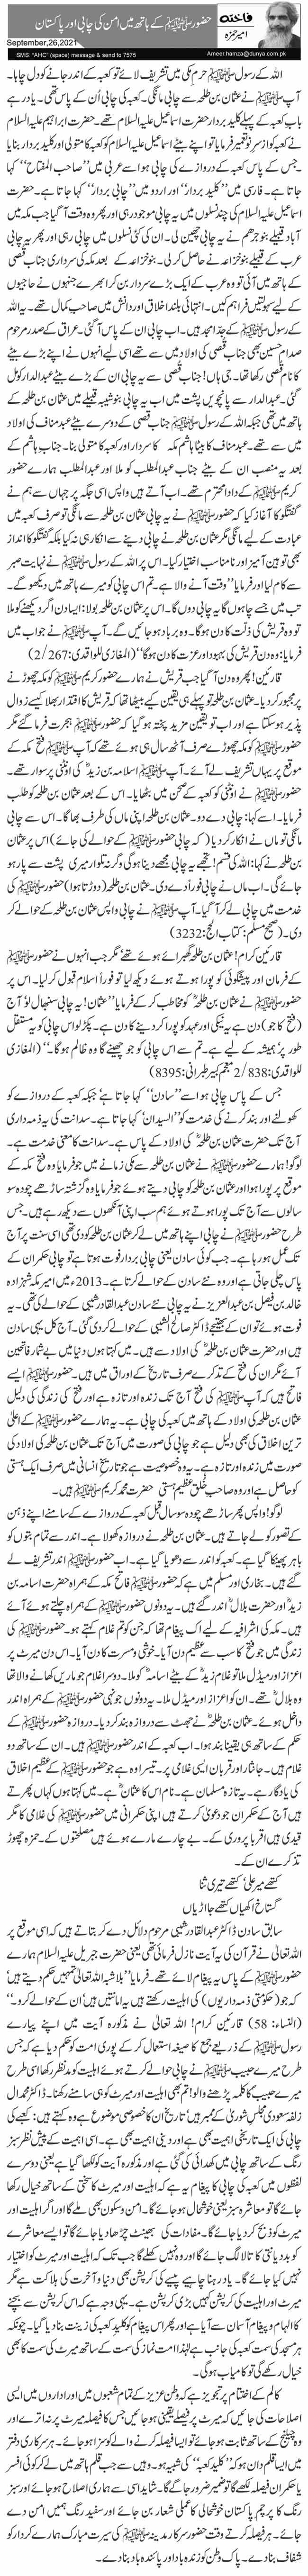 حضورﷺ کے ہاتھ میں امن کی چابی اور پاکستان